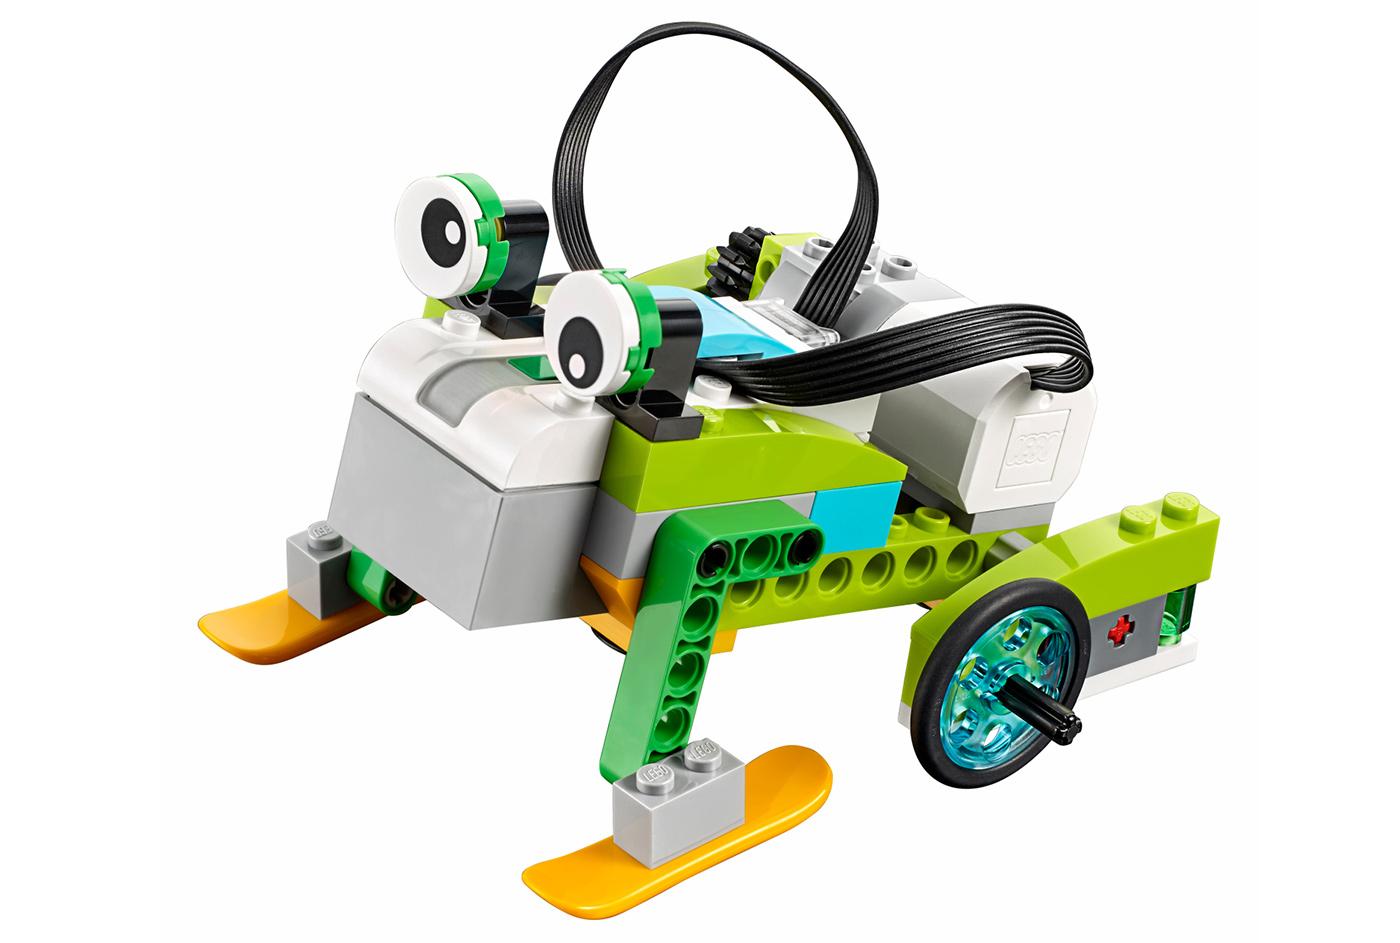 GIÁ RẺ 3.600.000 - Lego Wedo 2.0 - Milo 45300 Đồ Chơi Lego Education